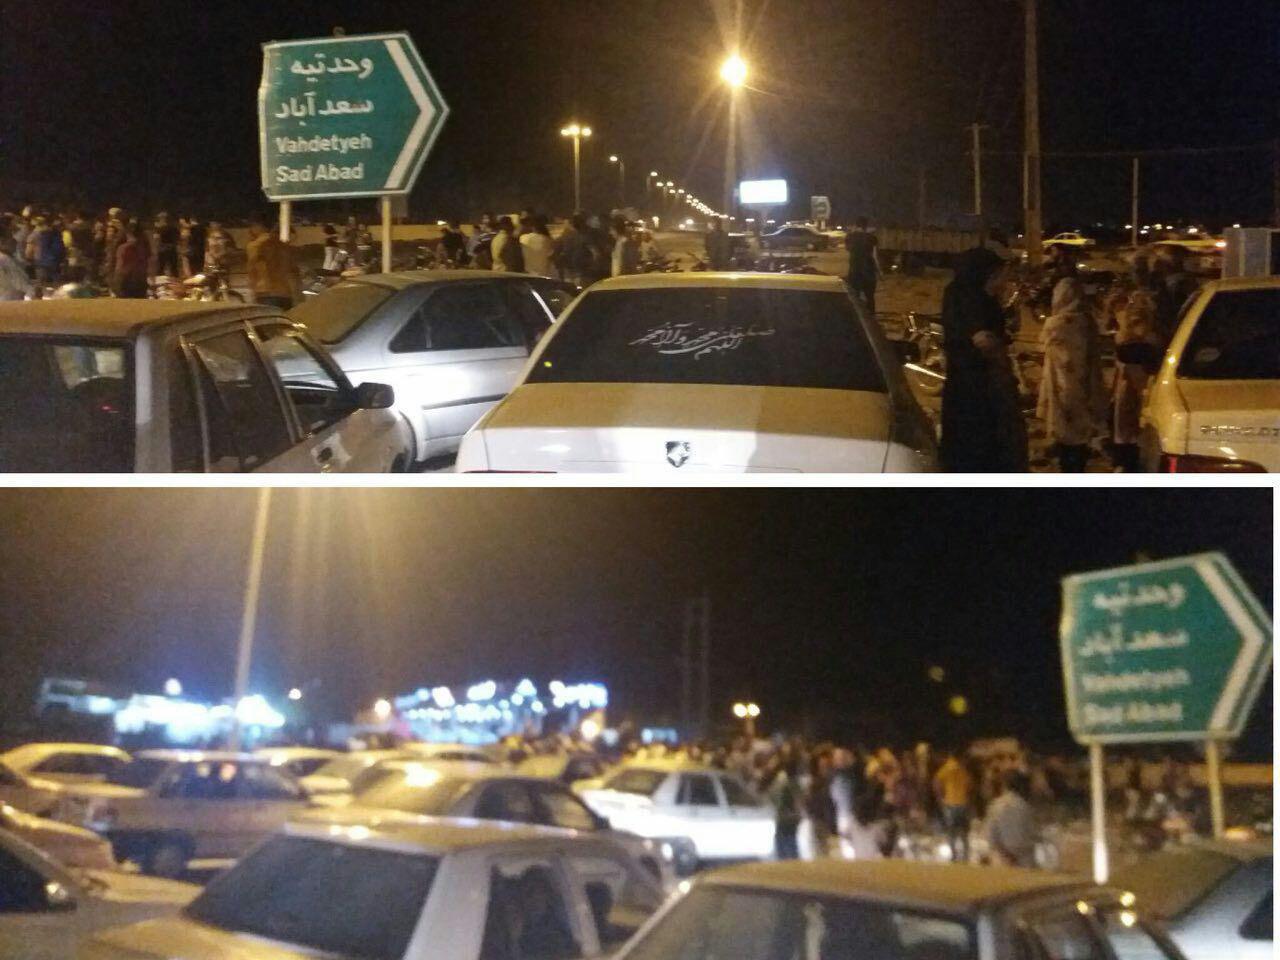 مسدود کردن سه راه وحدتیه توسط مردم شیراز در اعتراض به قطع مکرر آب و برق – ۲۹ تیر ۹۷